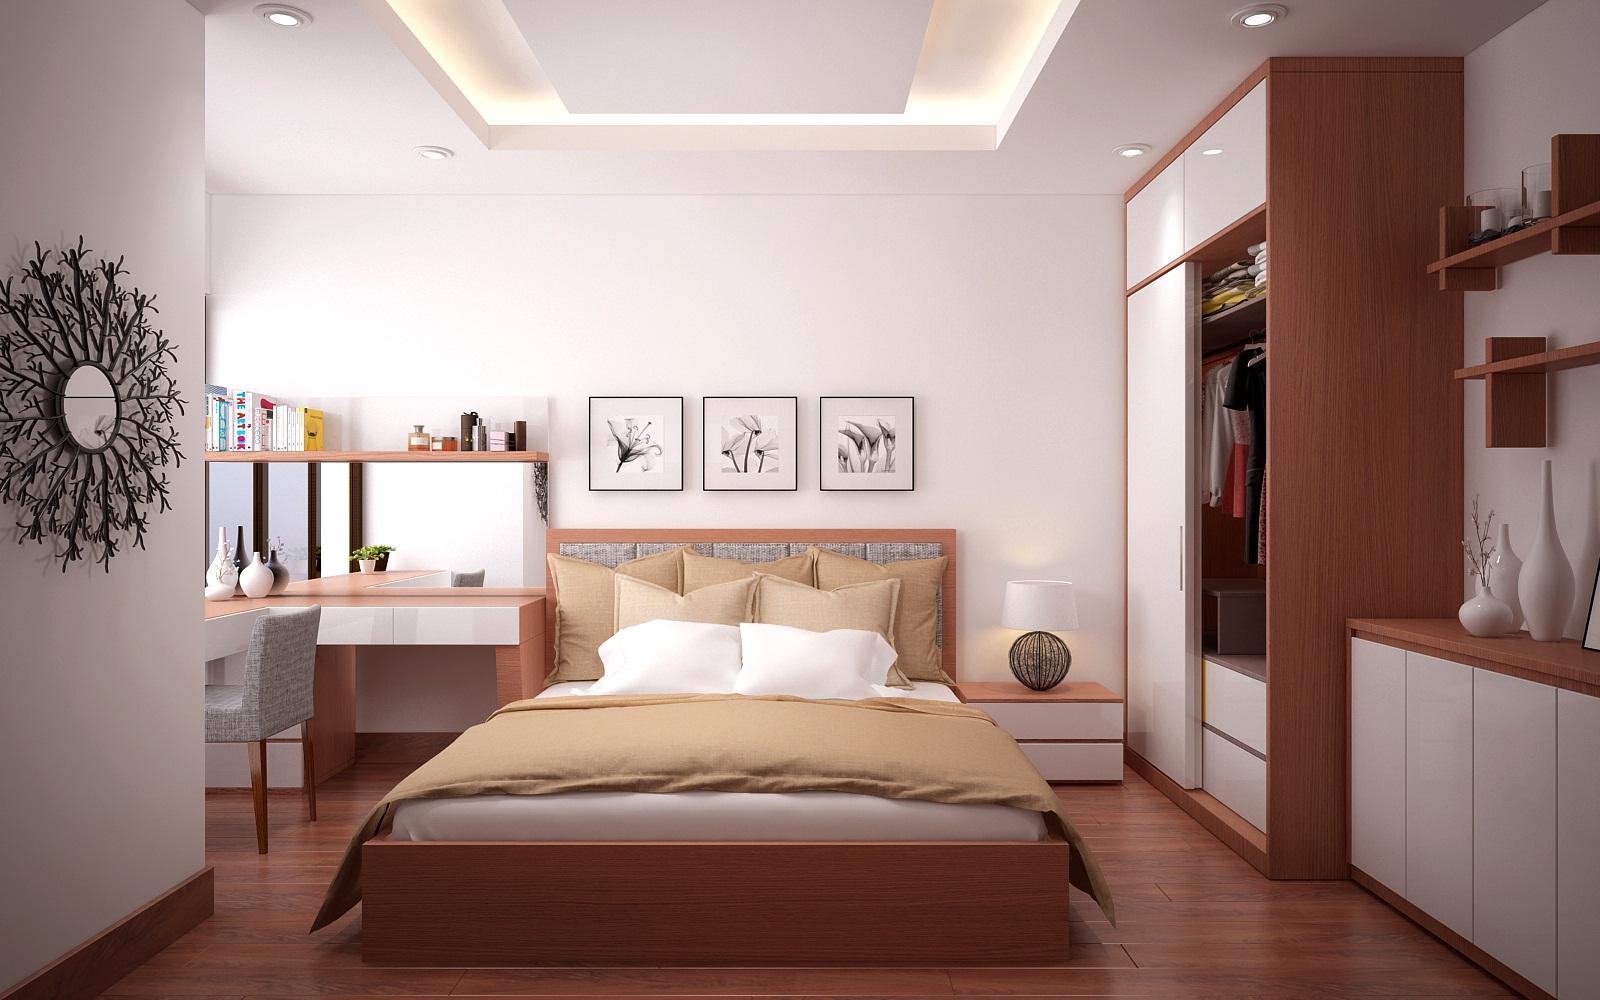 Tủ quần áo gỗ công nghiệp cho căn hộ chung cư hiện đại